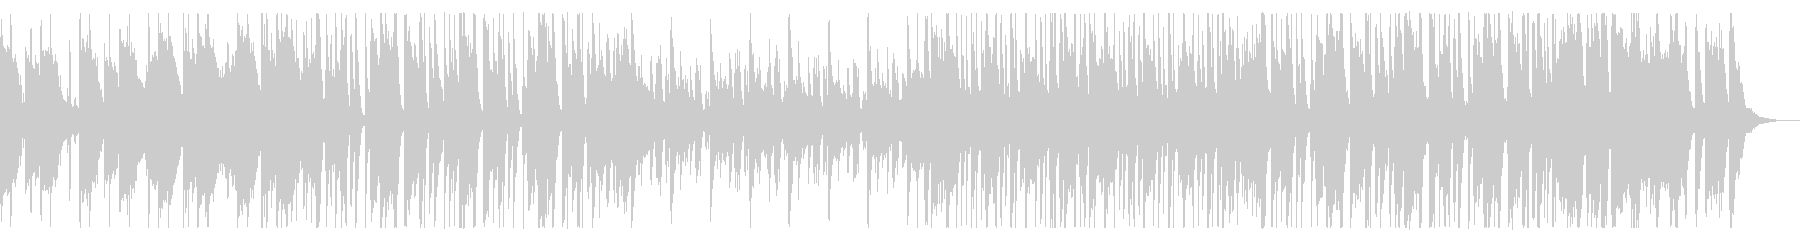 軽快でリズミカルなジャズ系ポップの未再生の波形